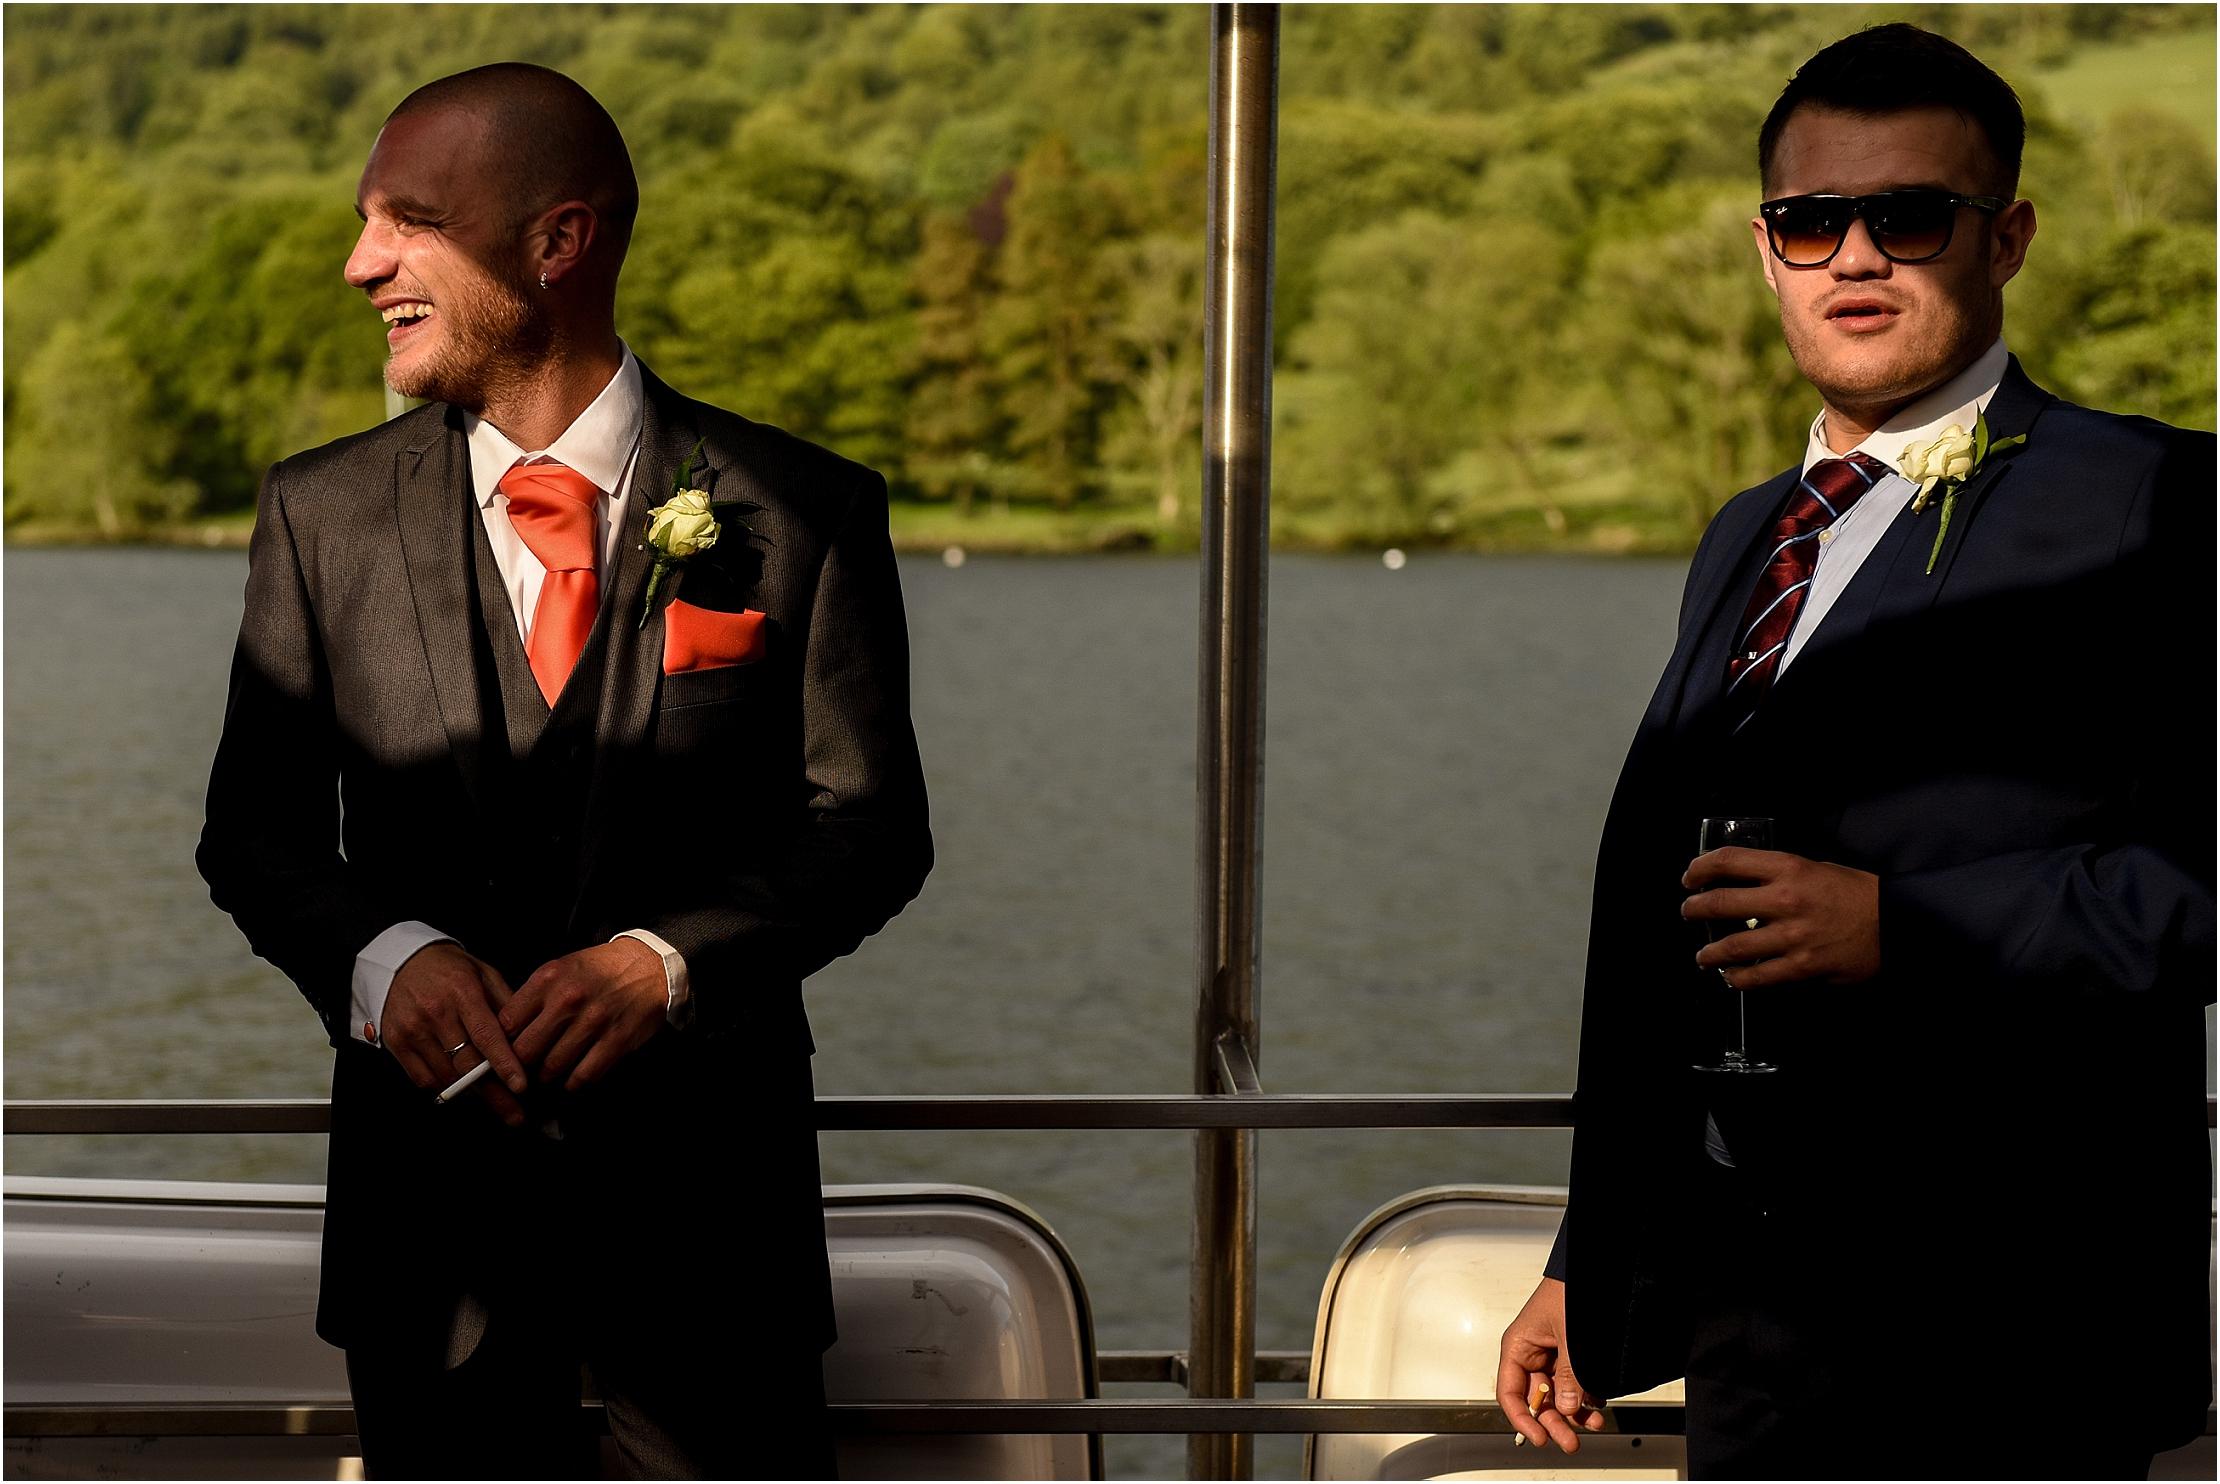 lakeside-hotel-lake-district-wedding - 065.jpg